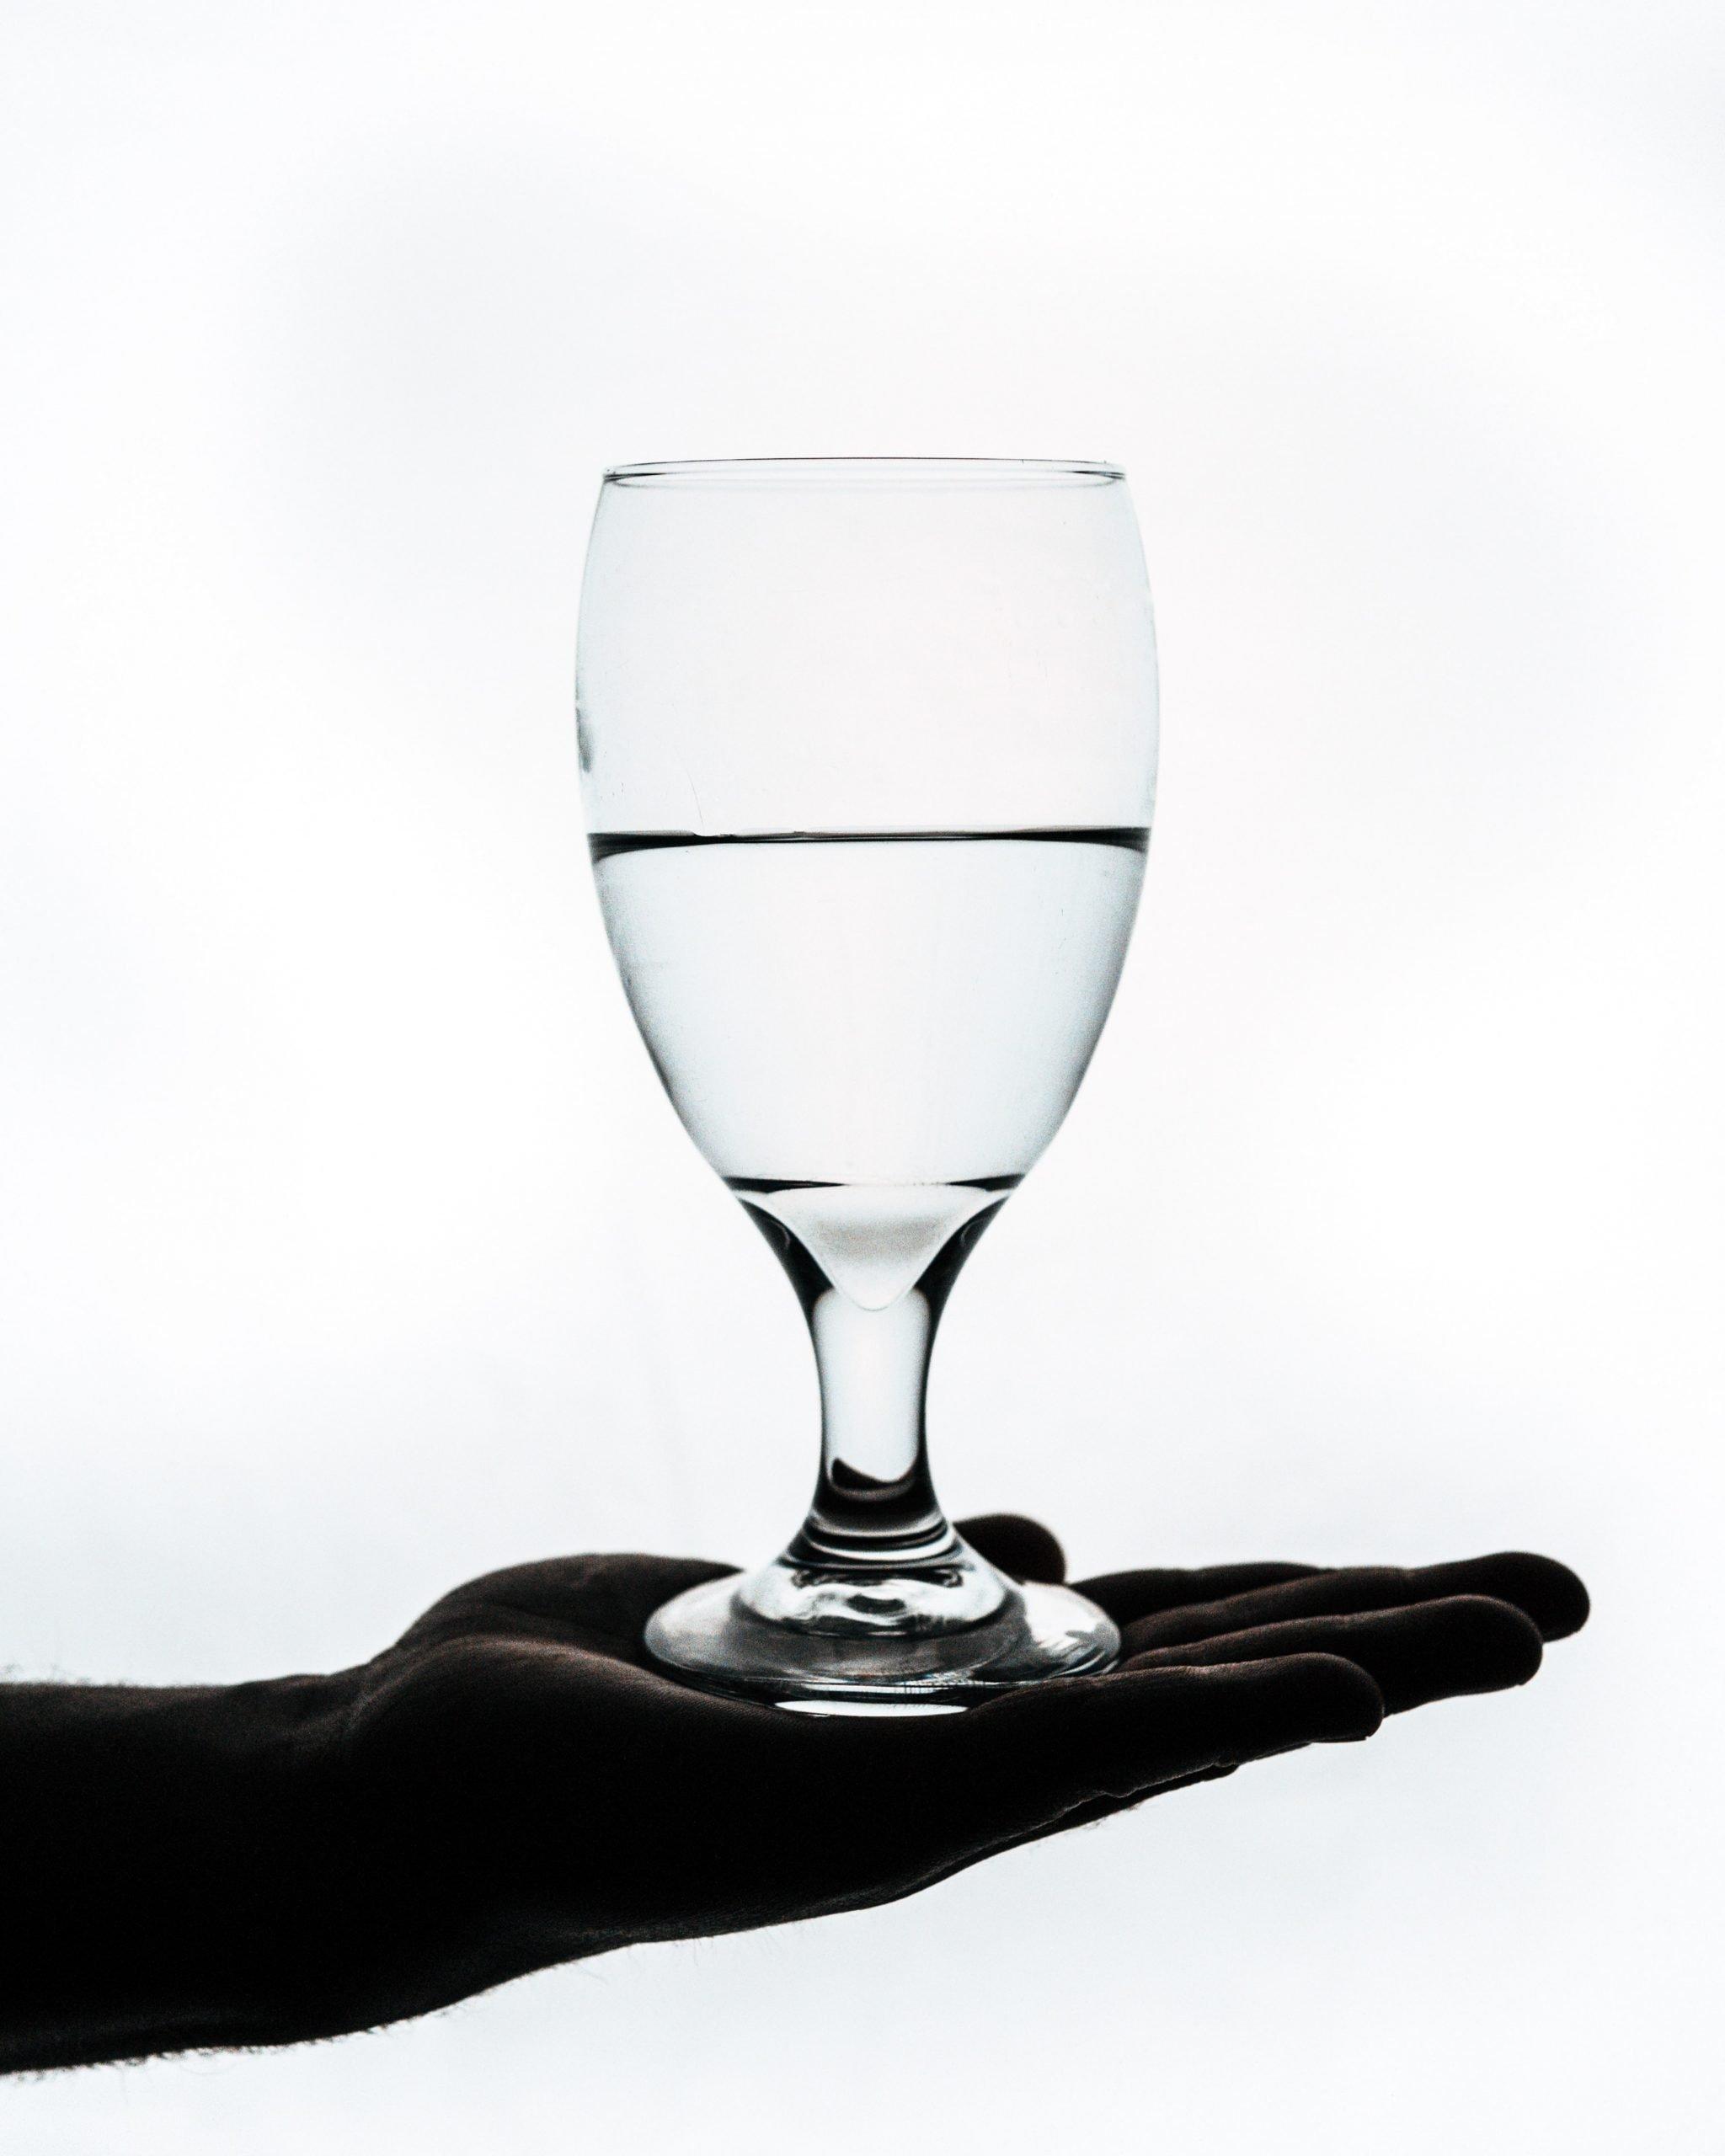 verre à moitié plein posé sur une main